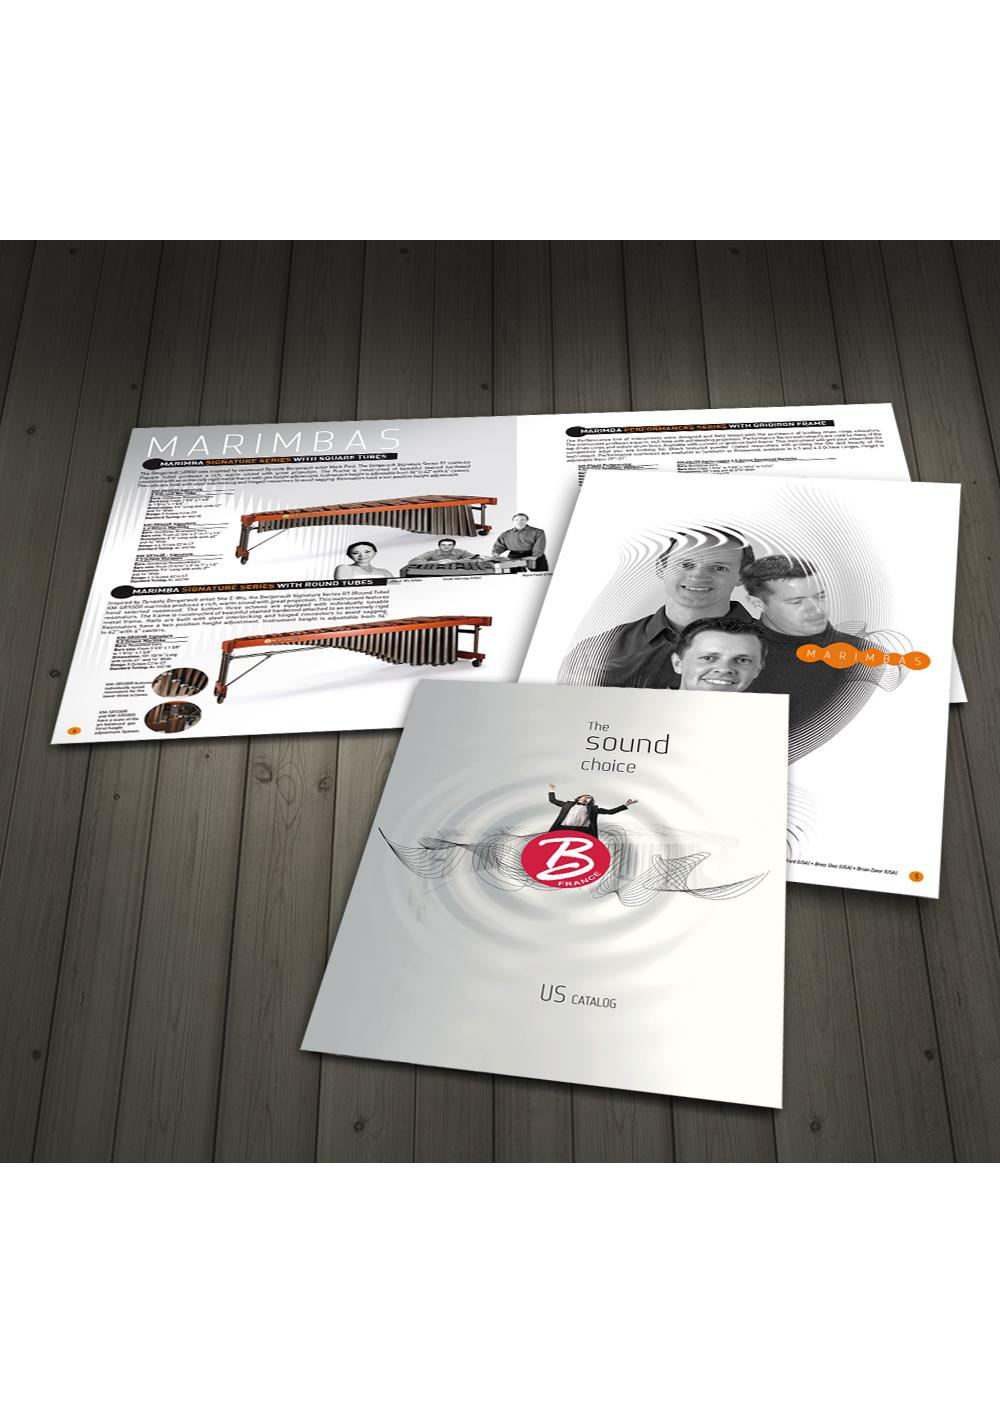 conception, création mise en page d'un catalogue pur un fabricant d'instruments de musique